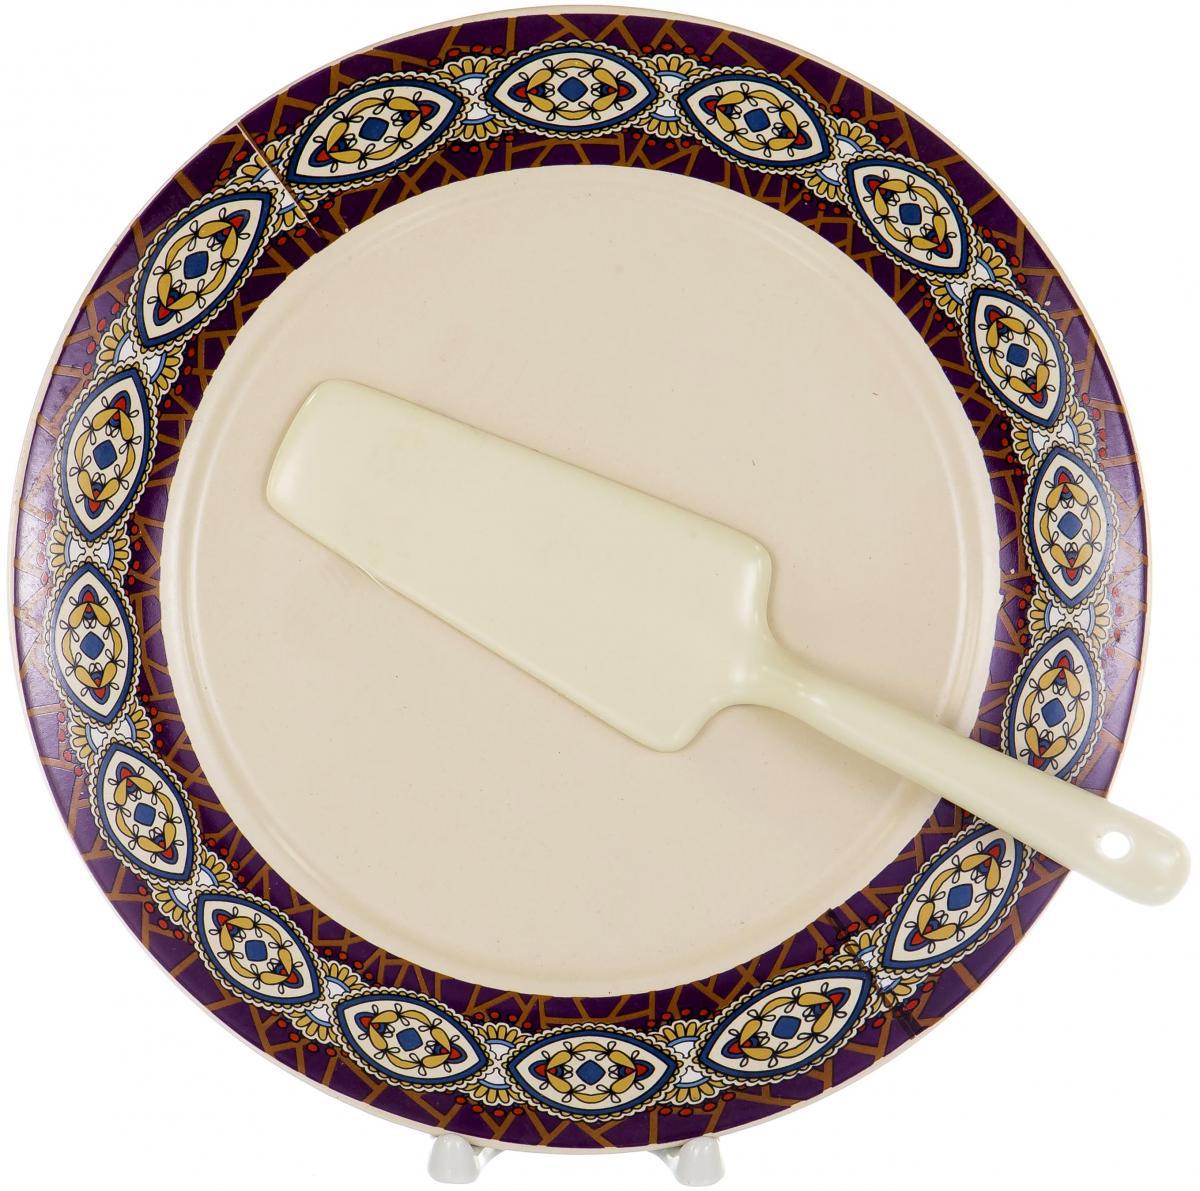 """Набор для торта """"Olaff"""" состоит из тарелки и лопатки, выполненных из высококачественного фарфора. Изделия идеальны для подачи тортов, пирогов и другой выпечки.   Изысканный дизайн сделает набор эффектным украшением праздничного стола."""